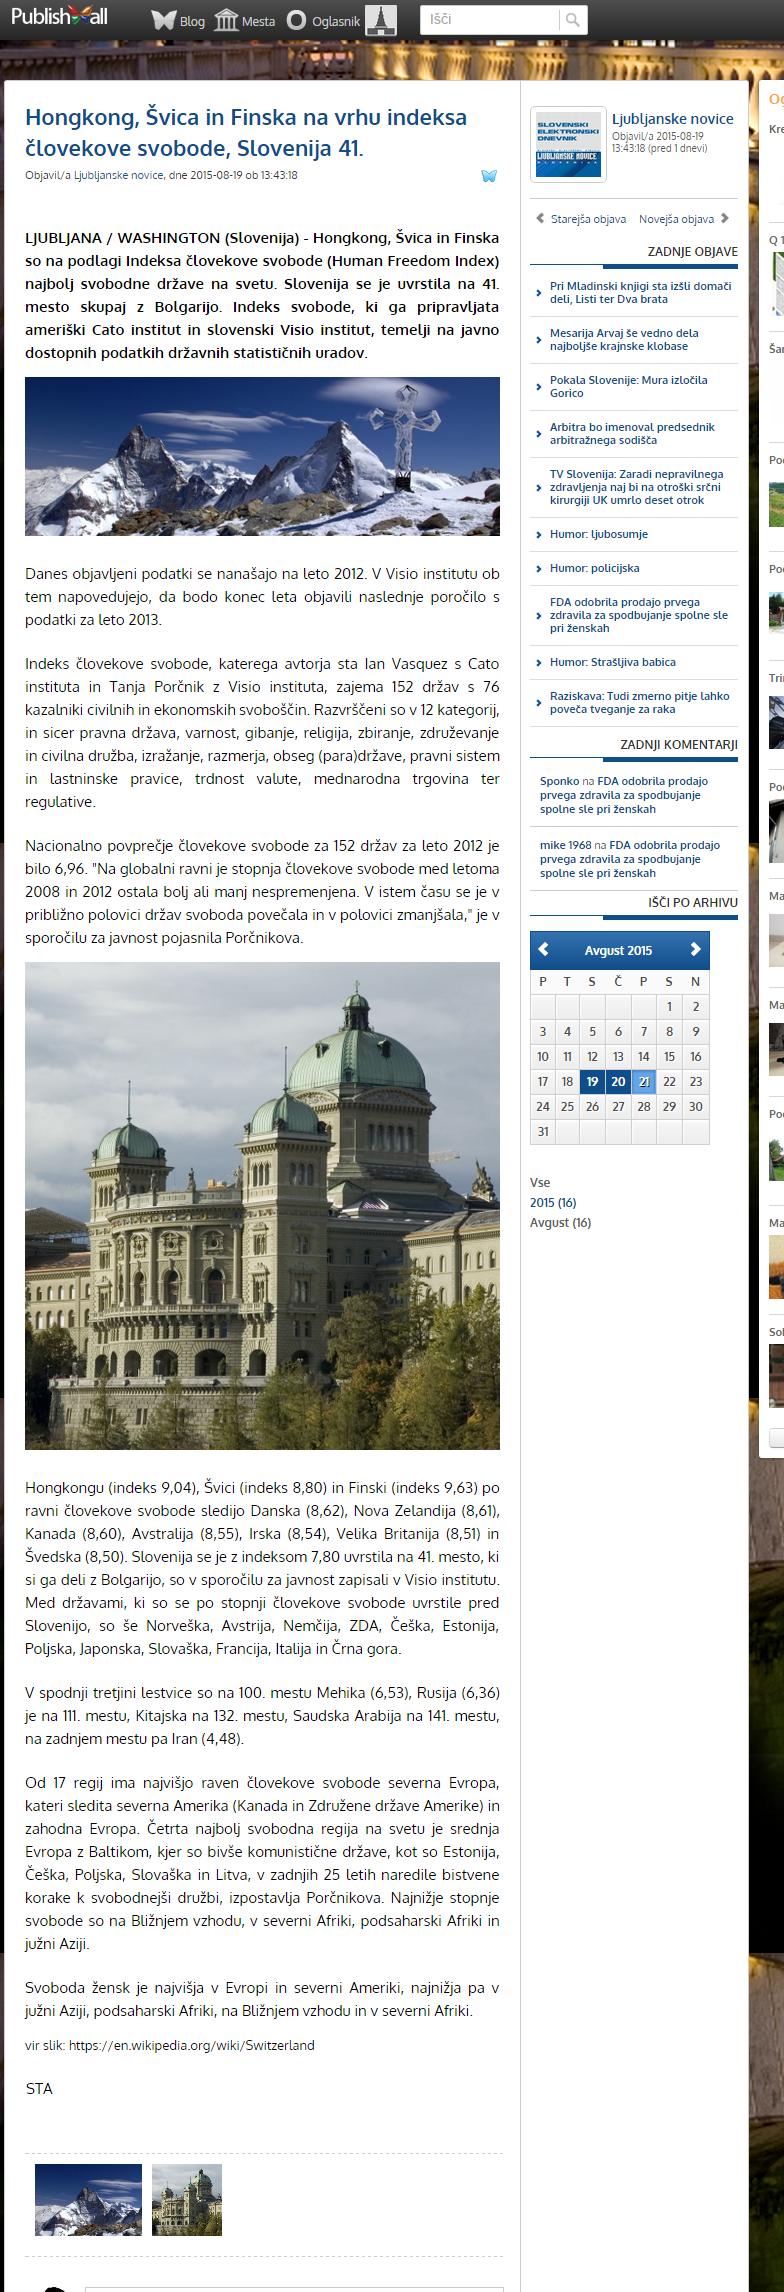 screencapture-www-publishwall-si-ljubljanske-novice-post-140596-hongkong-svica-in-finska-na-vrhu-indeksa-clovekove-svobode-slovenija-41-1440112902346